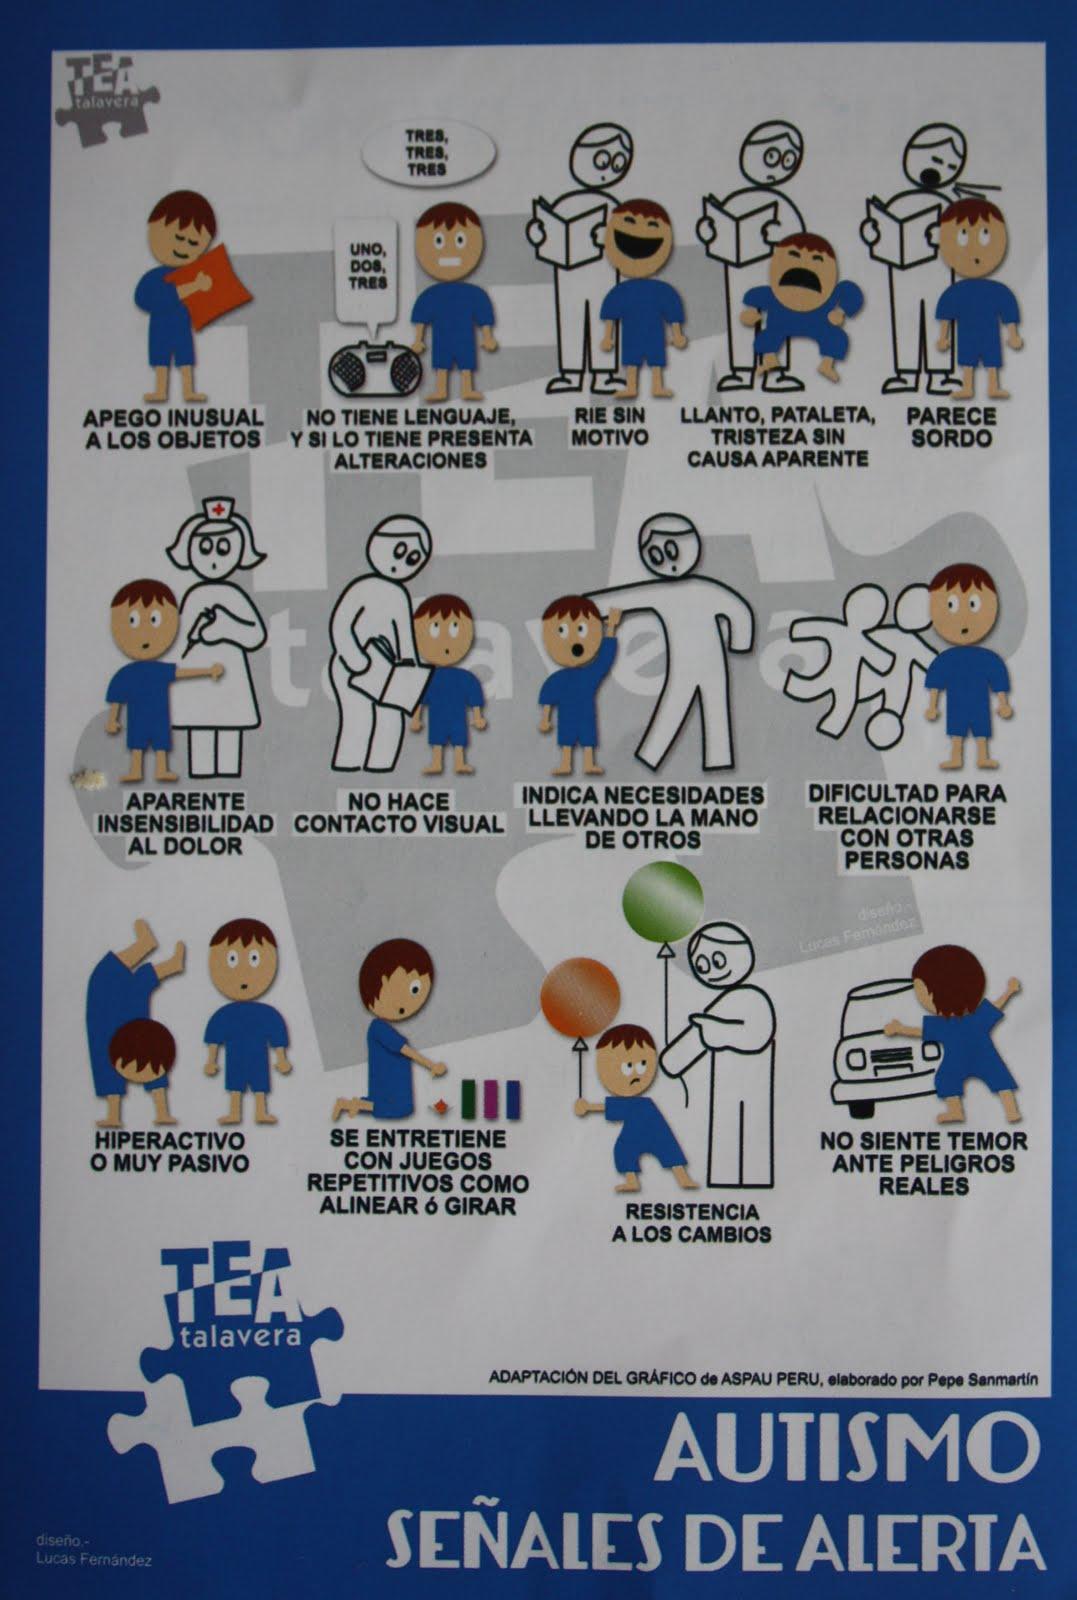 Señales de alerta autismo